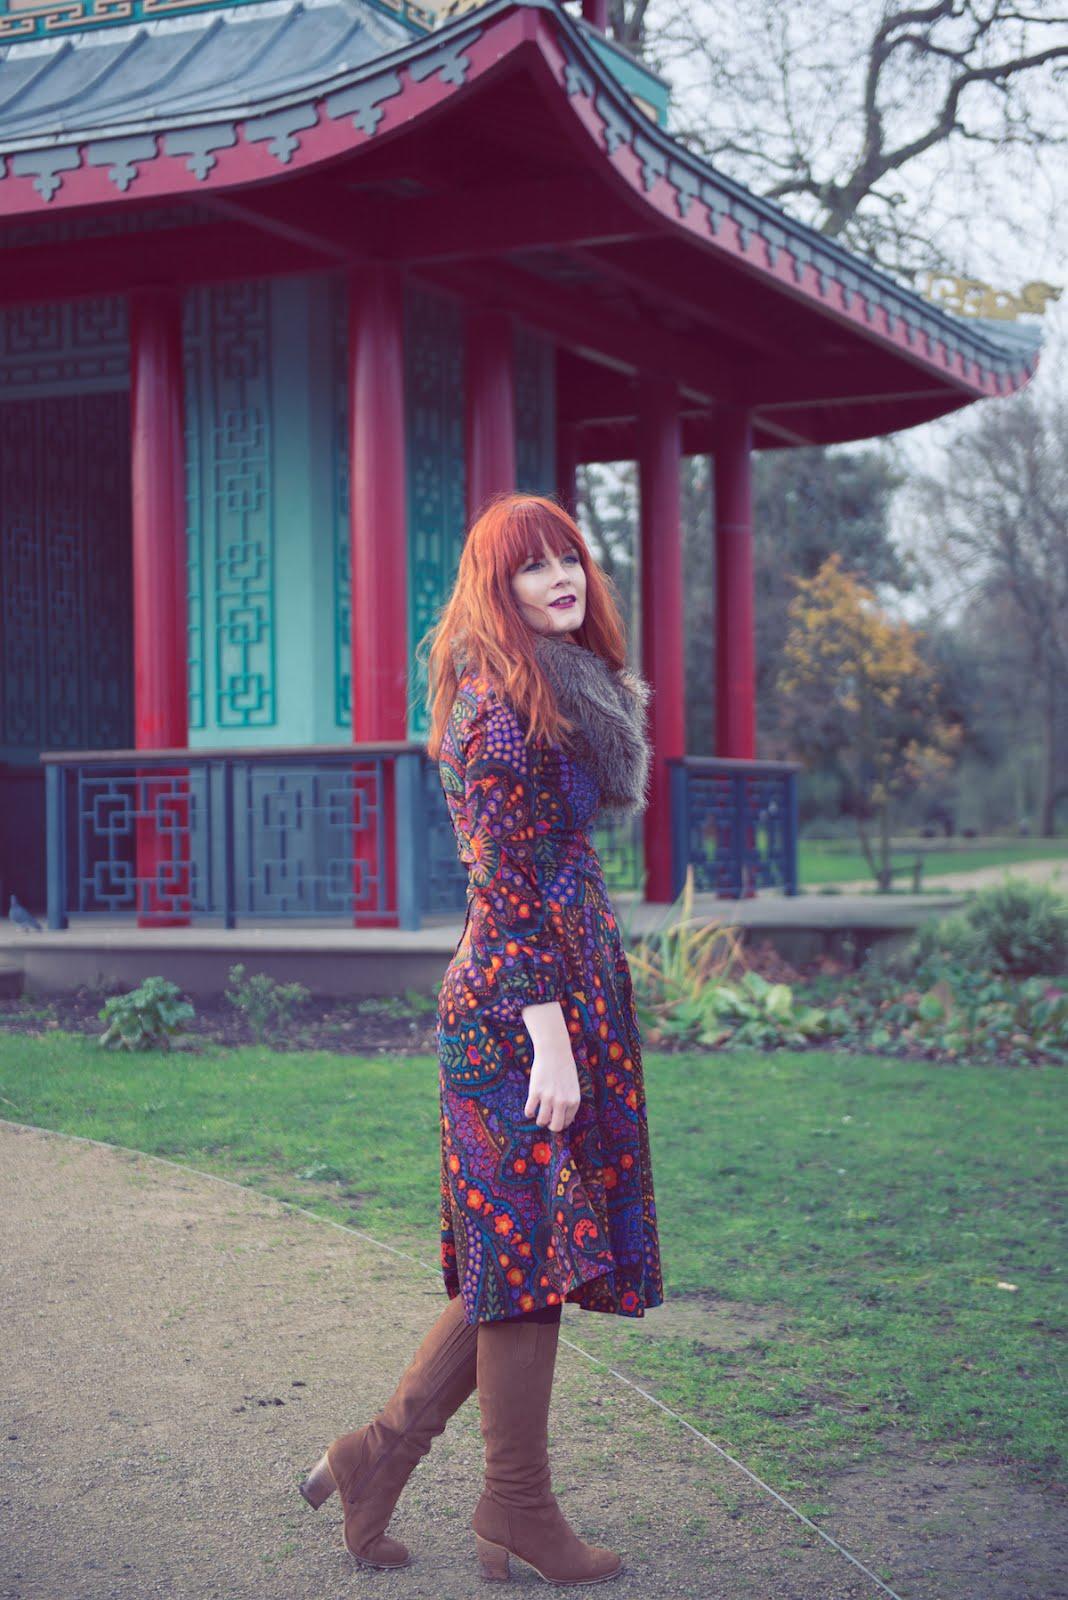 Vintage 70's Style Victoria Park London